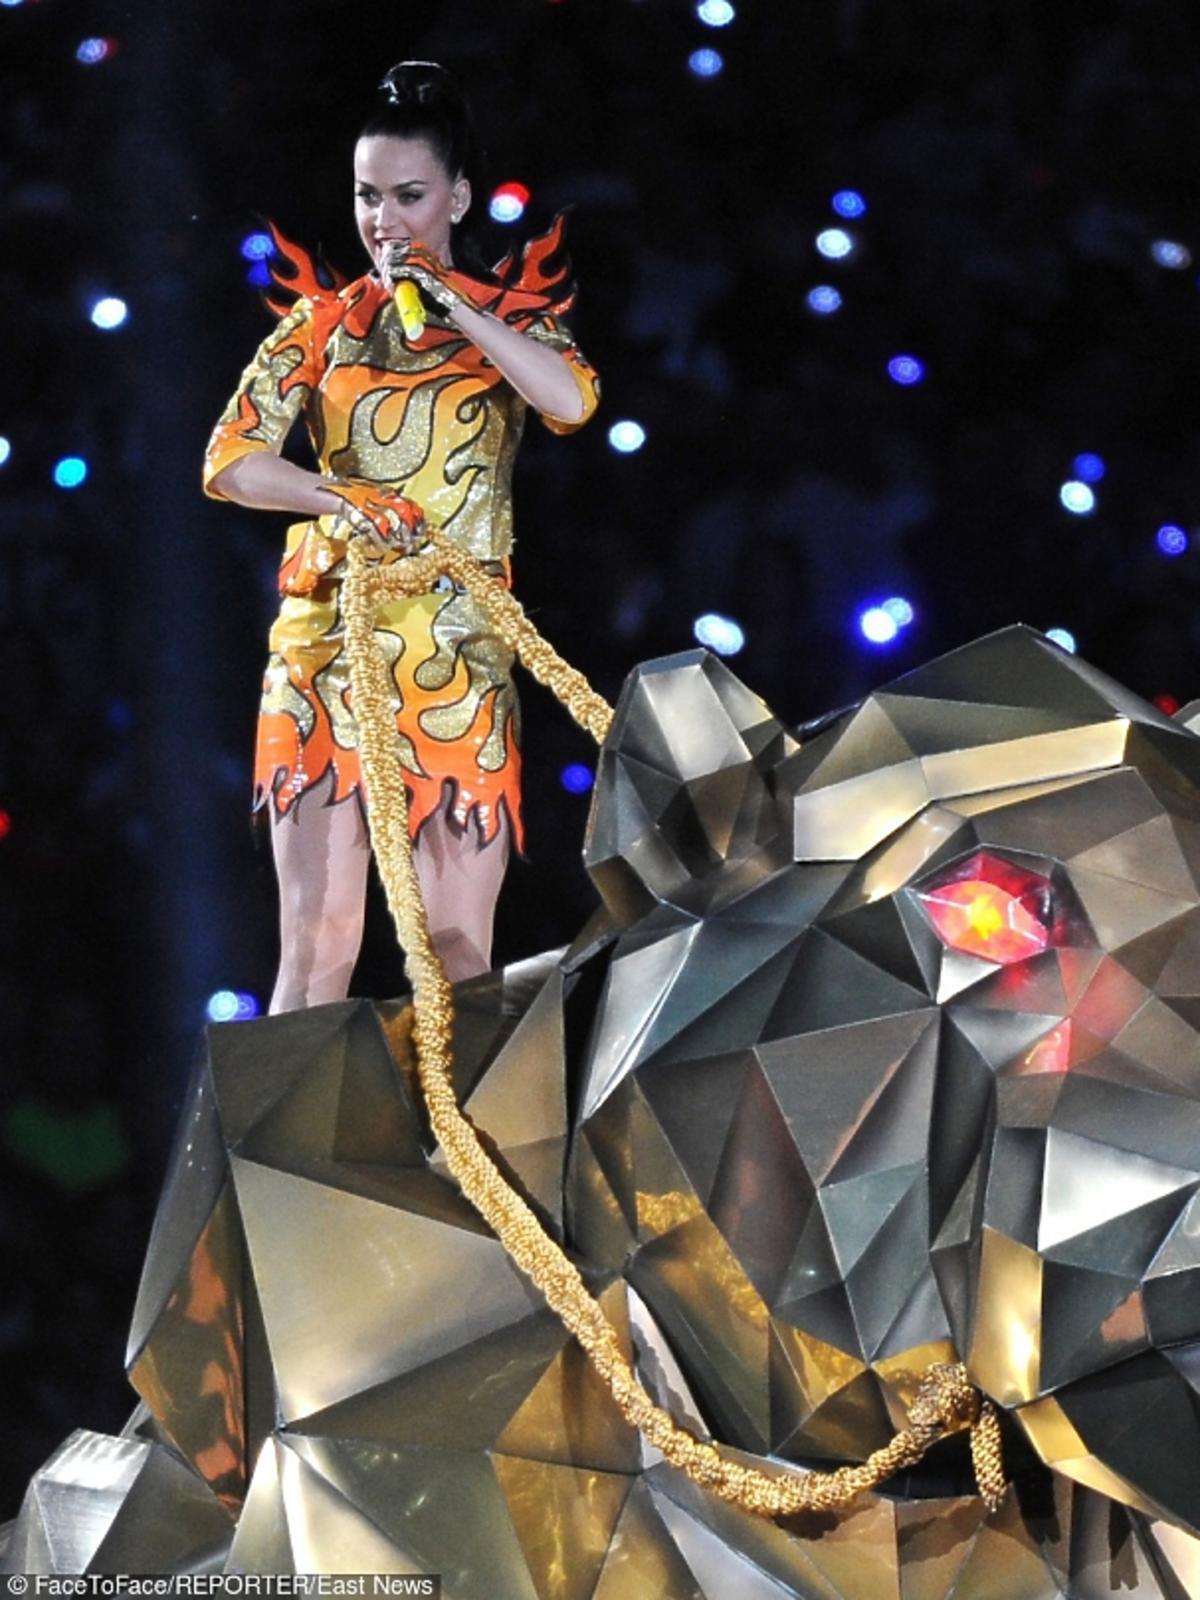 Katy Perry na koncercie Pepsi Super Bowl 2015 w Glendale. Ubrana jest w suknię przypominająca płomienie.